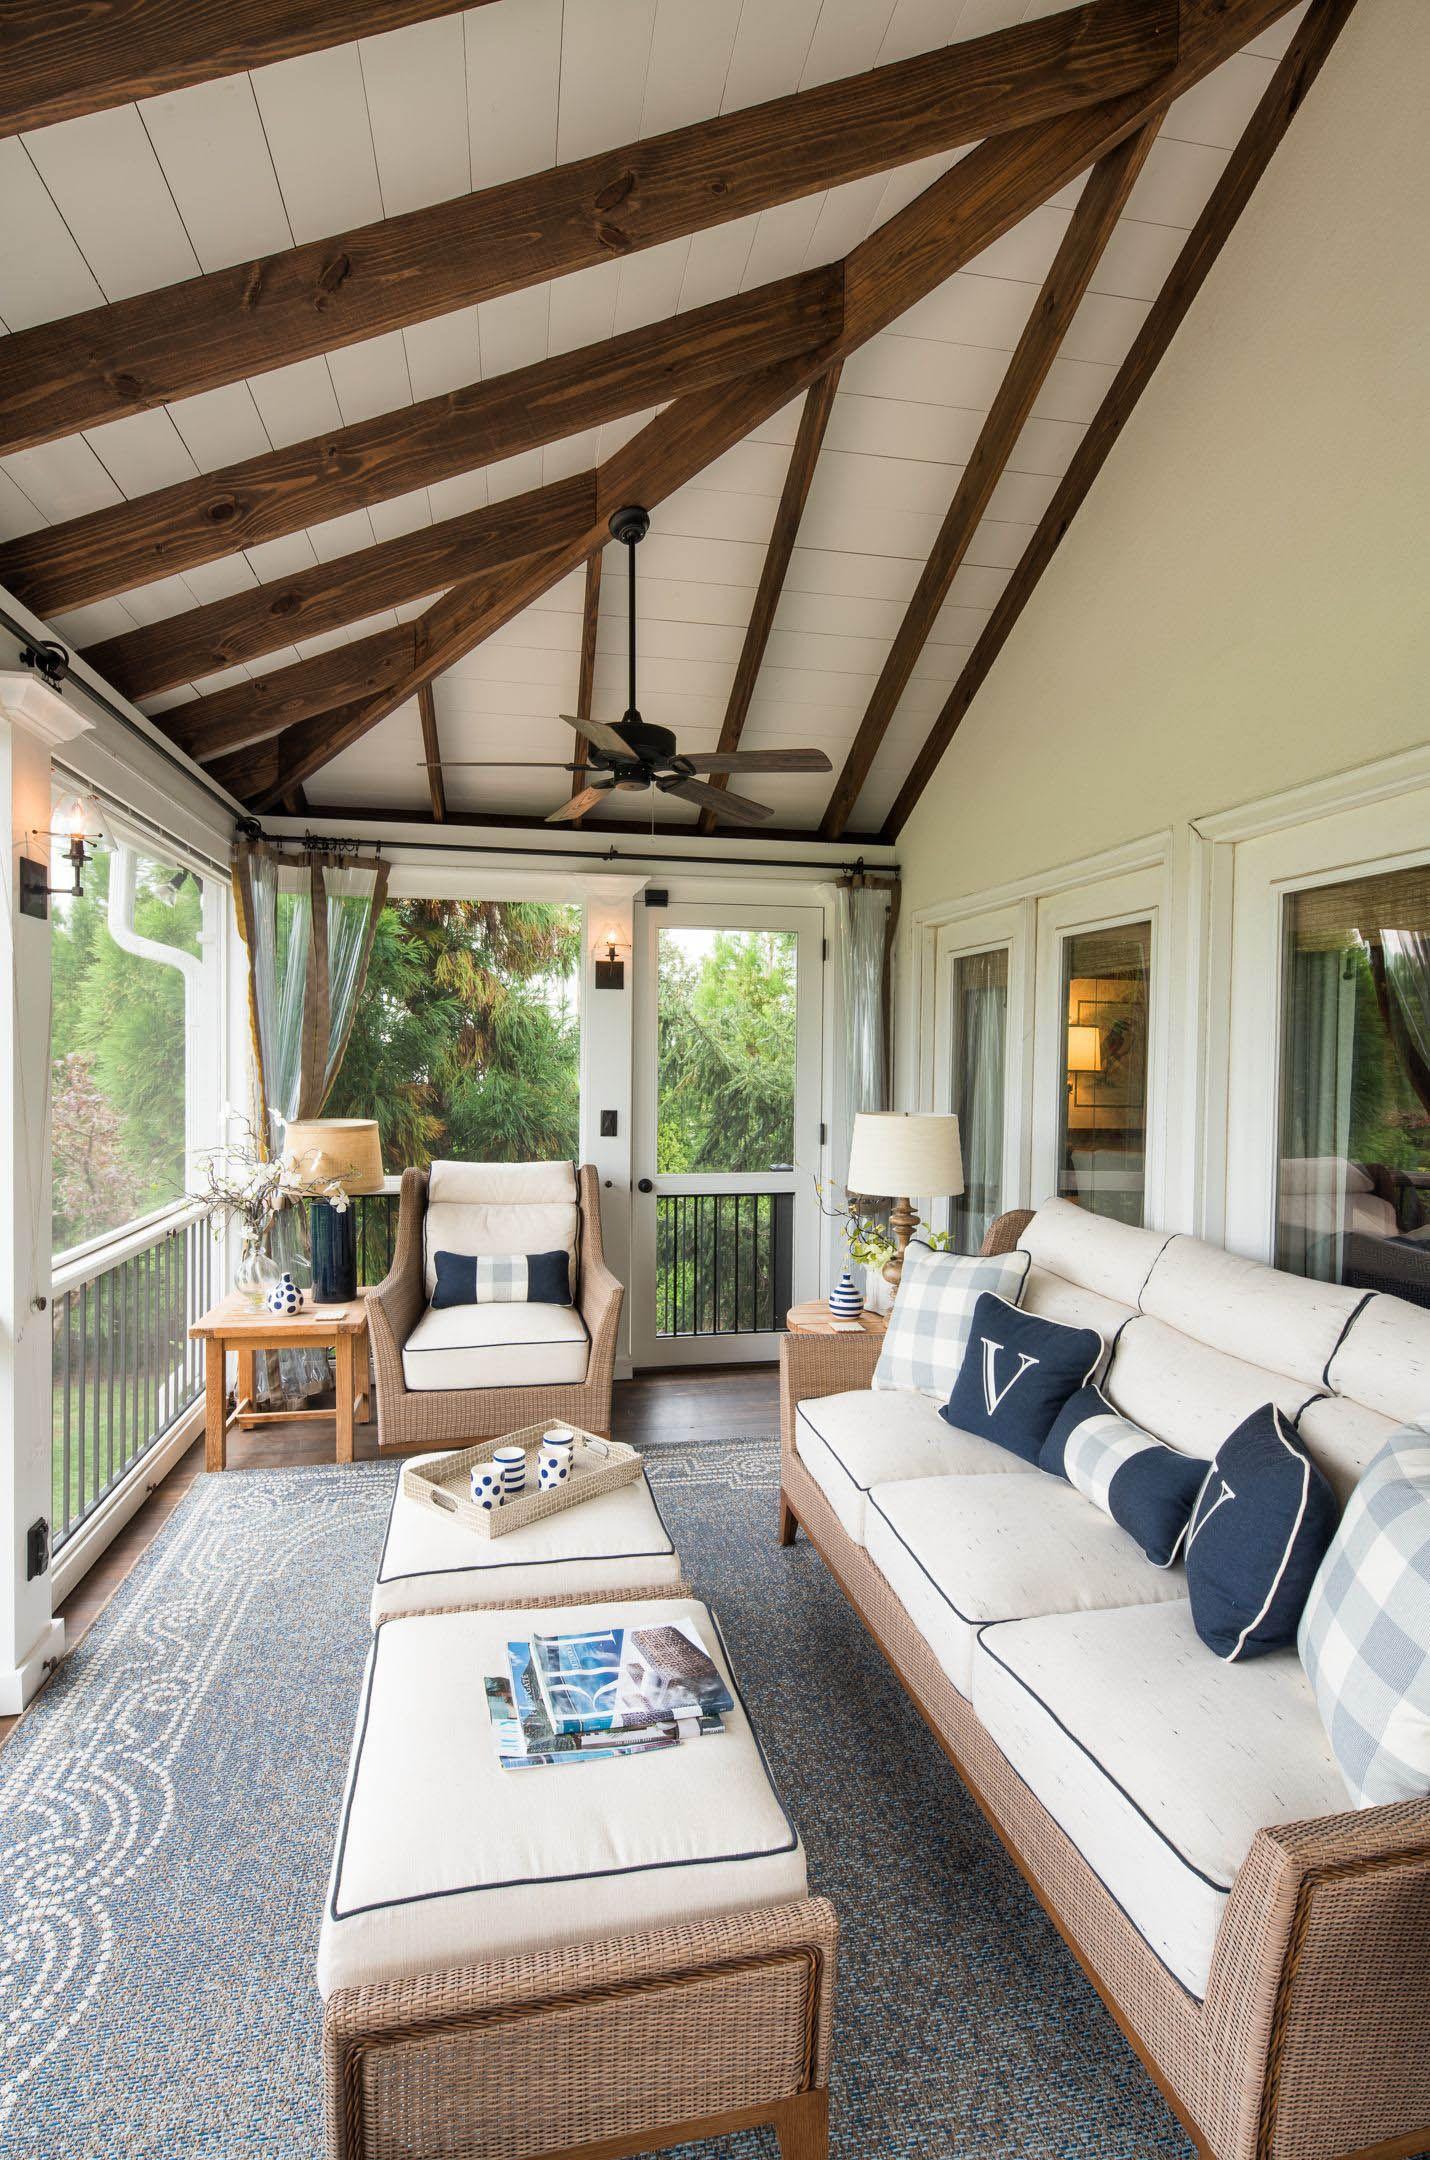 Photos Of Screen Porches Porch Design Screened Porch Designs